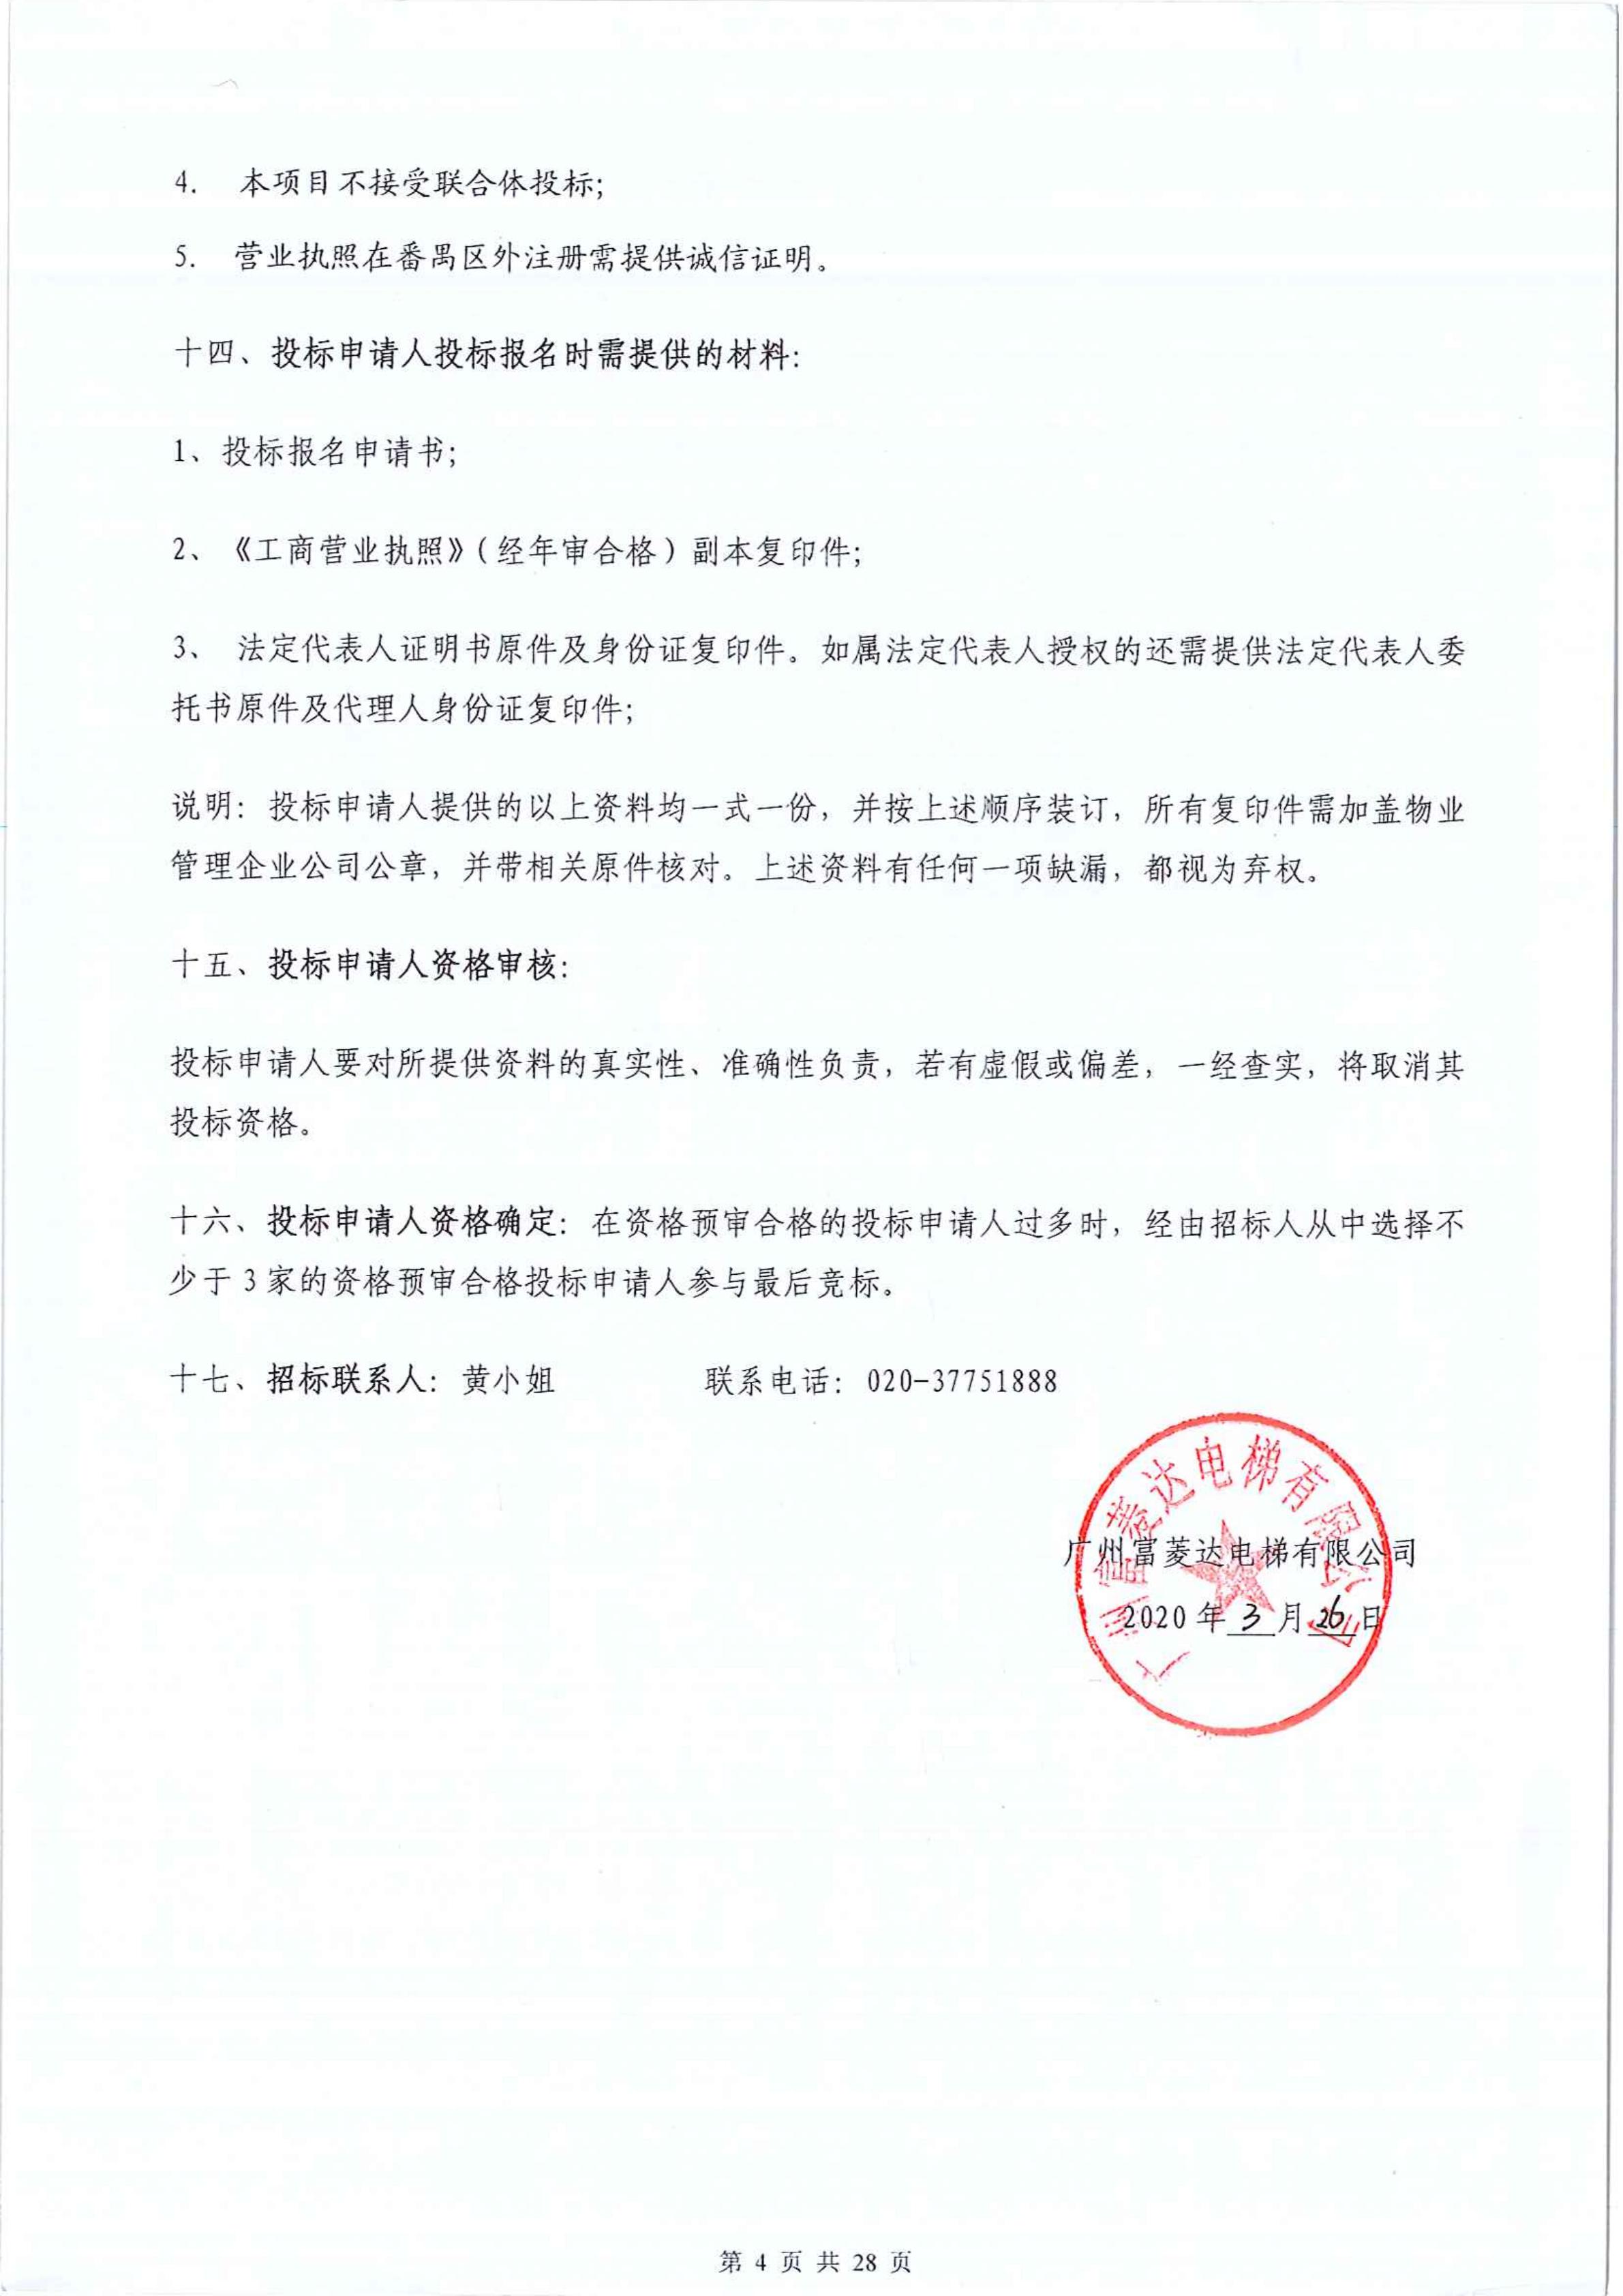 前期物业管理招标公告_01